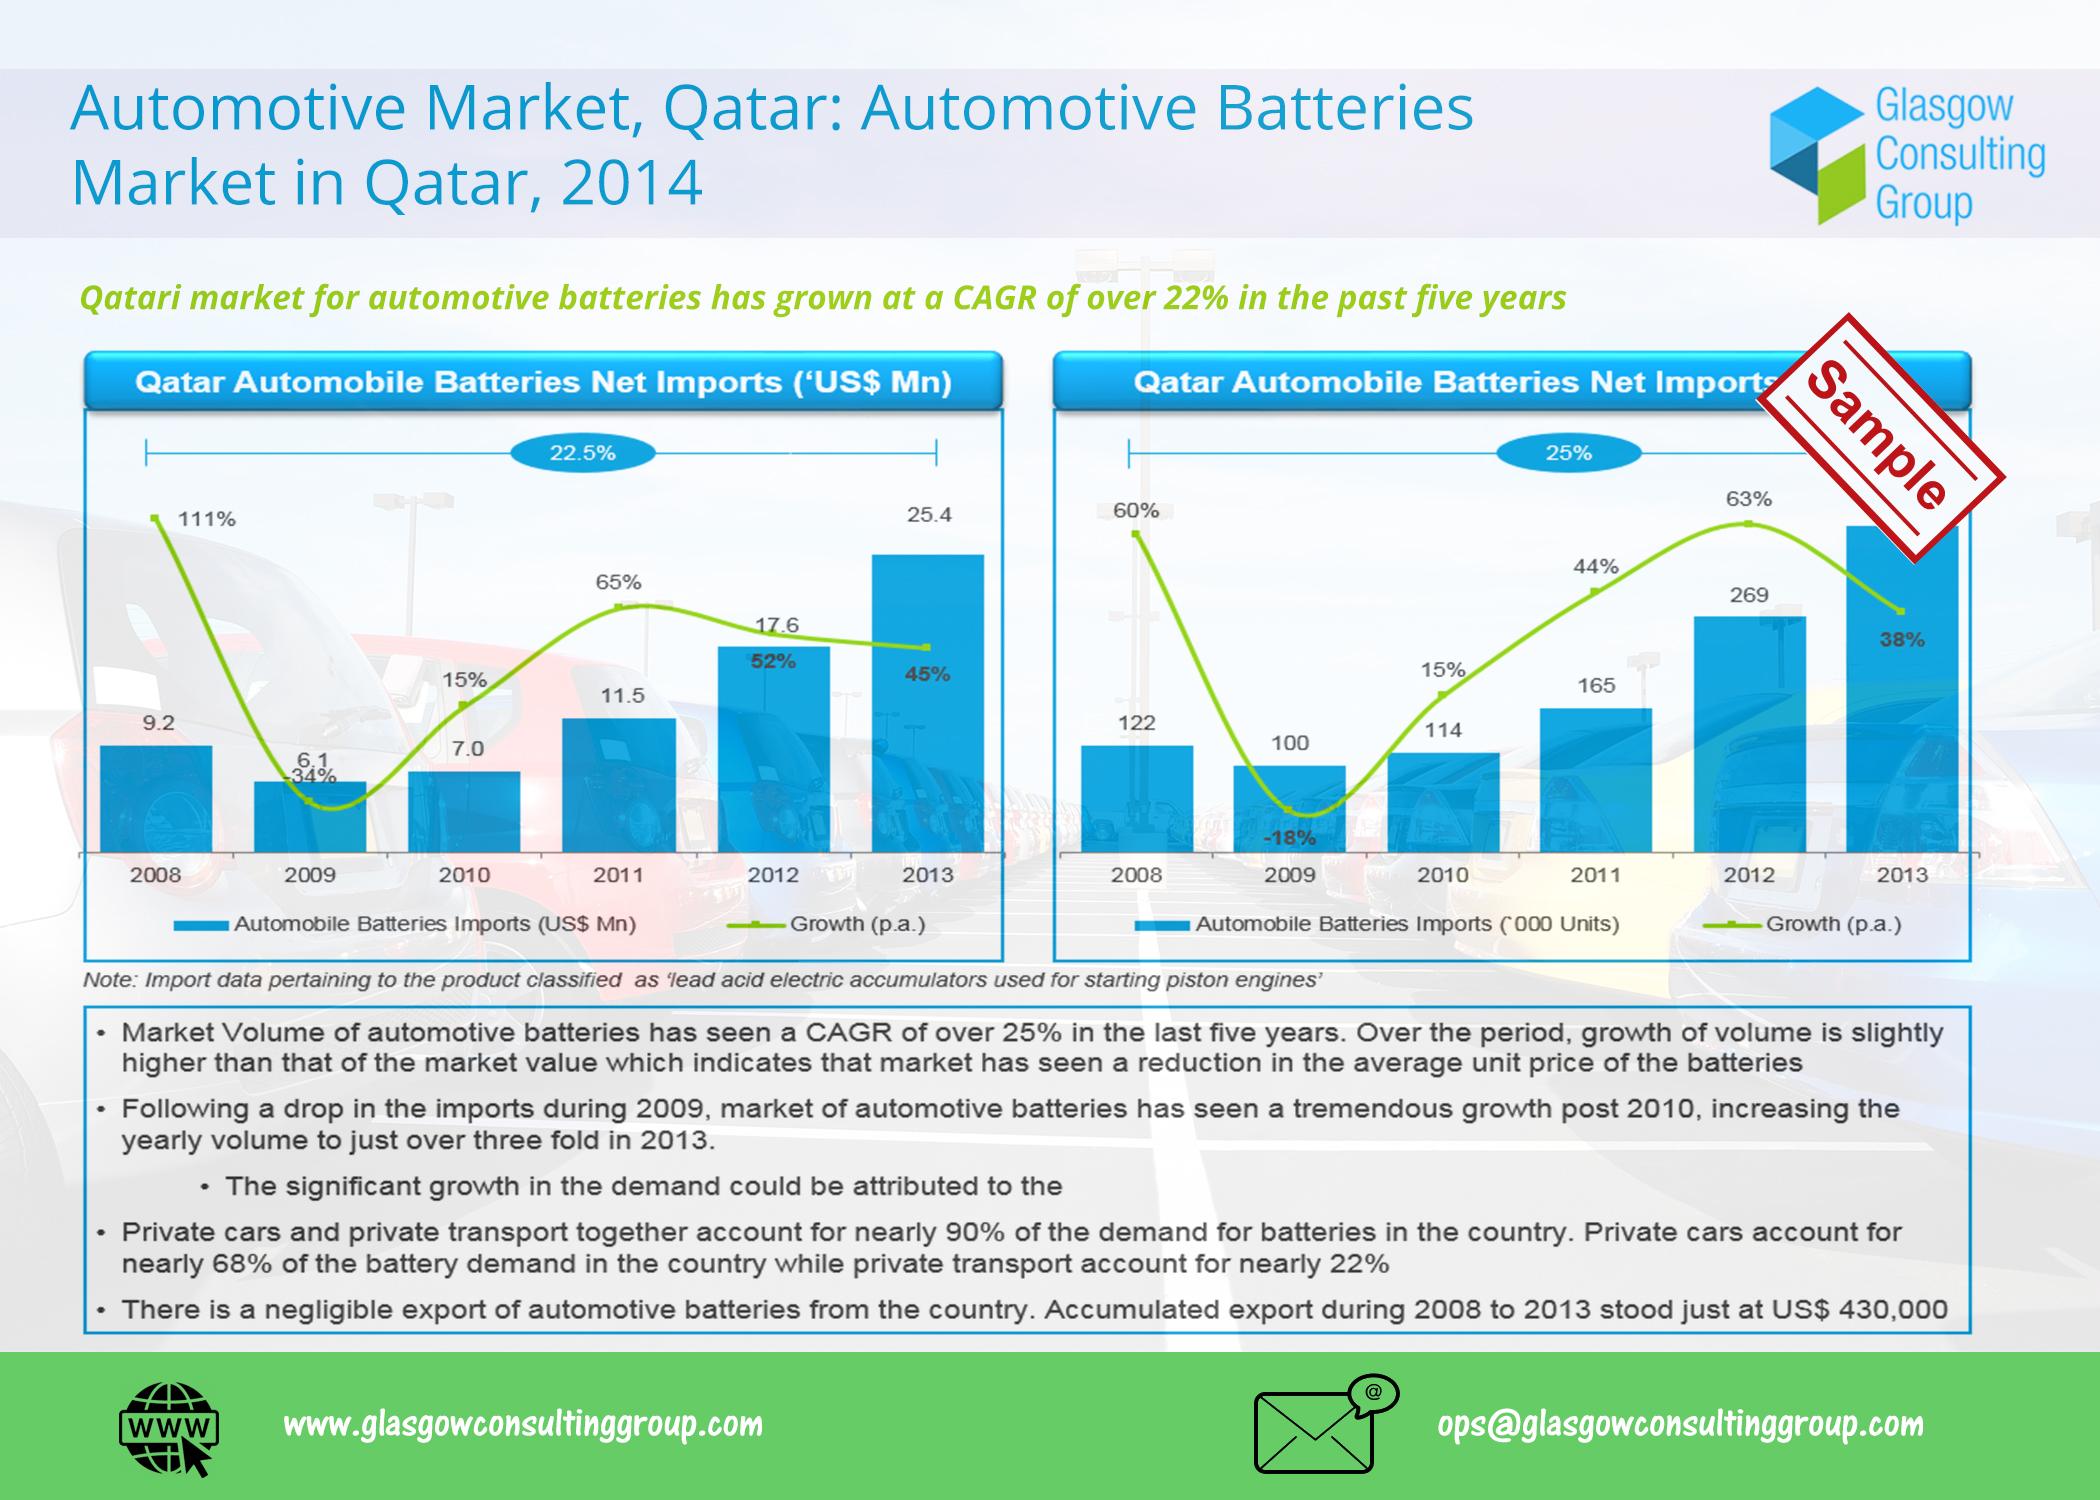 5 Automotive Market, Qatar, Automotive Batteries Market in Qatar, 2014